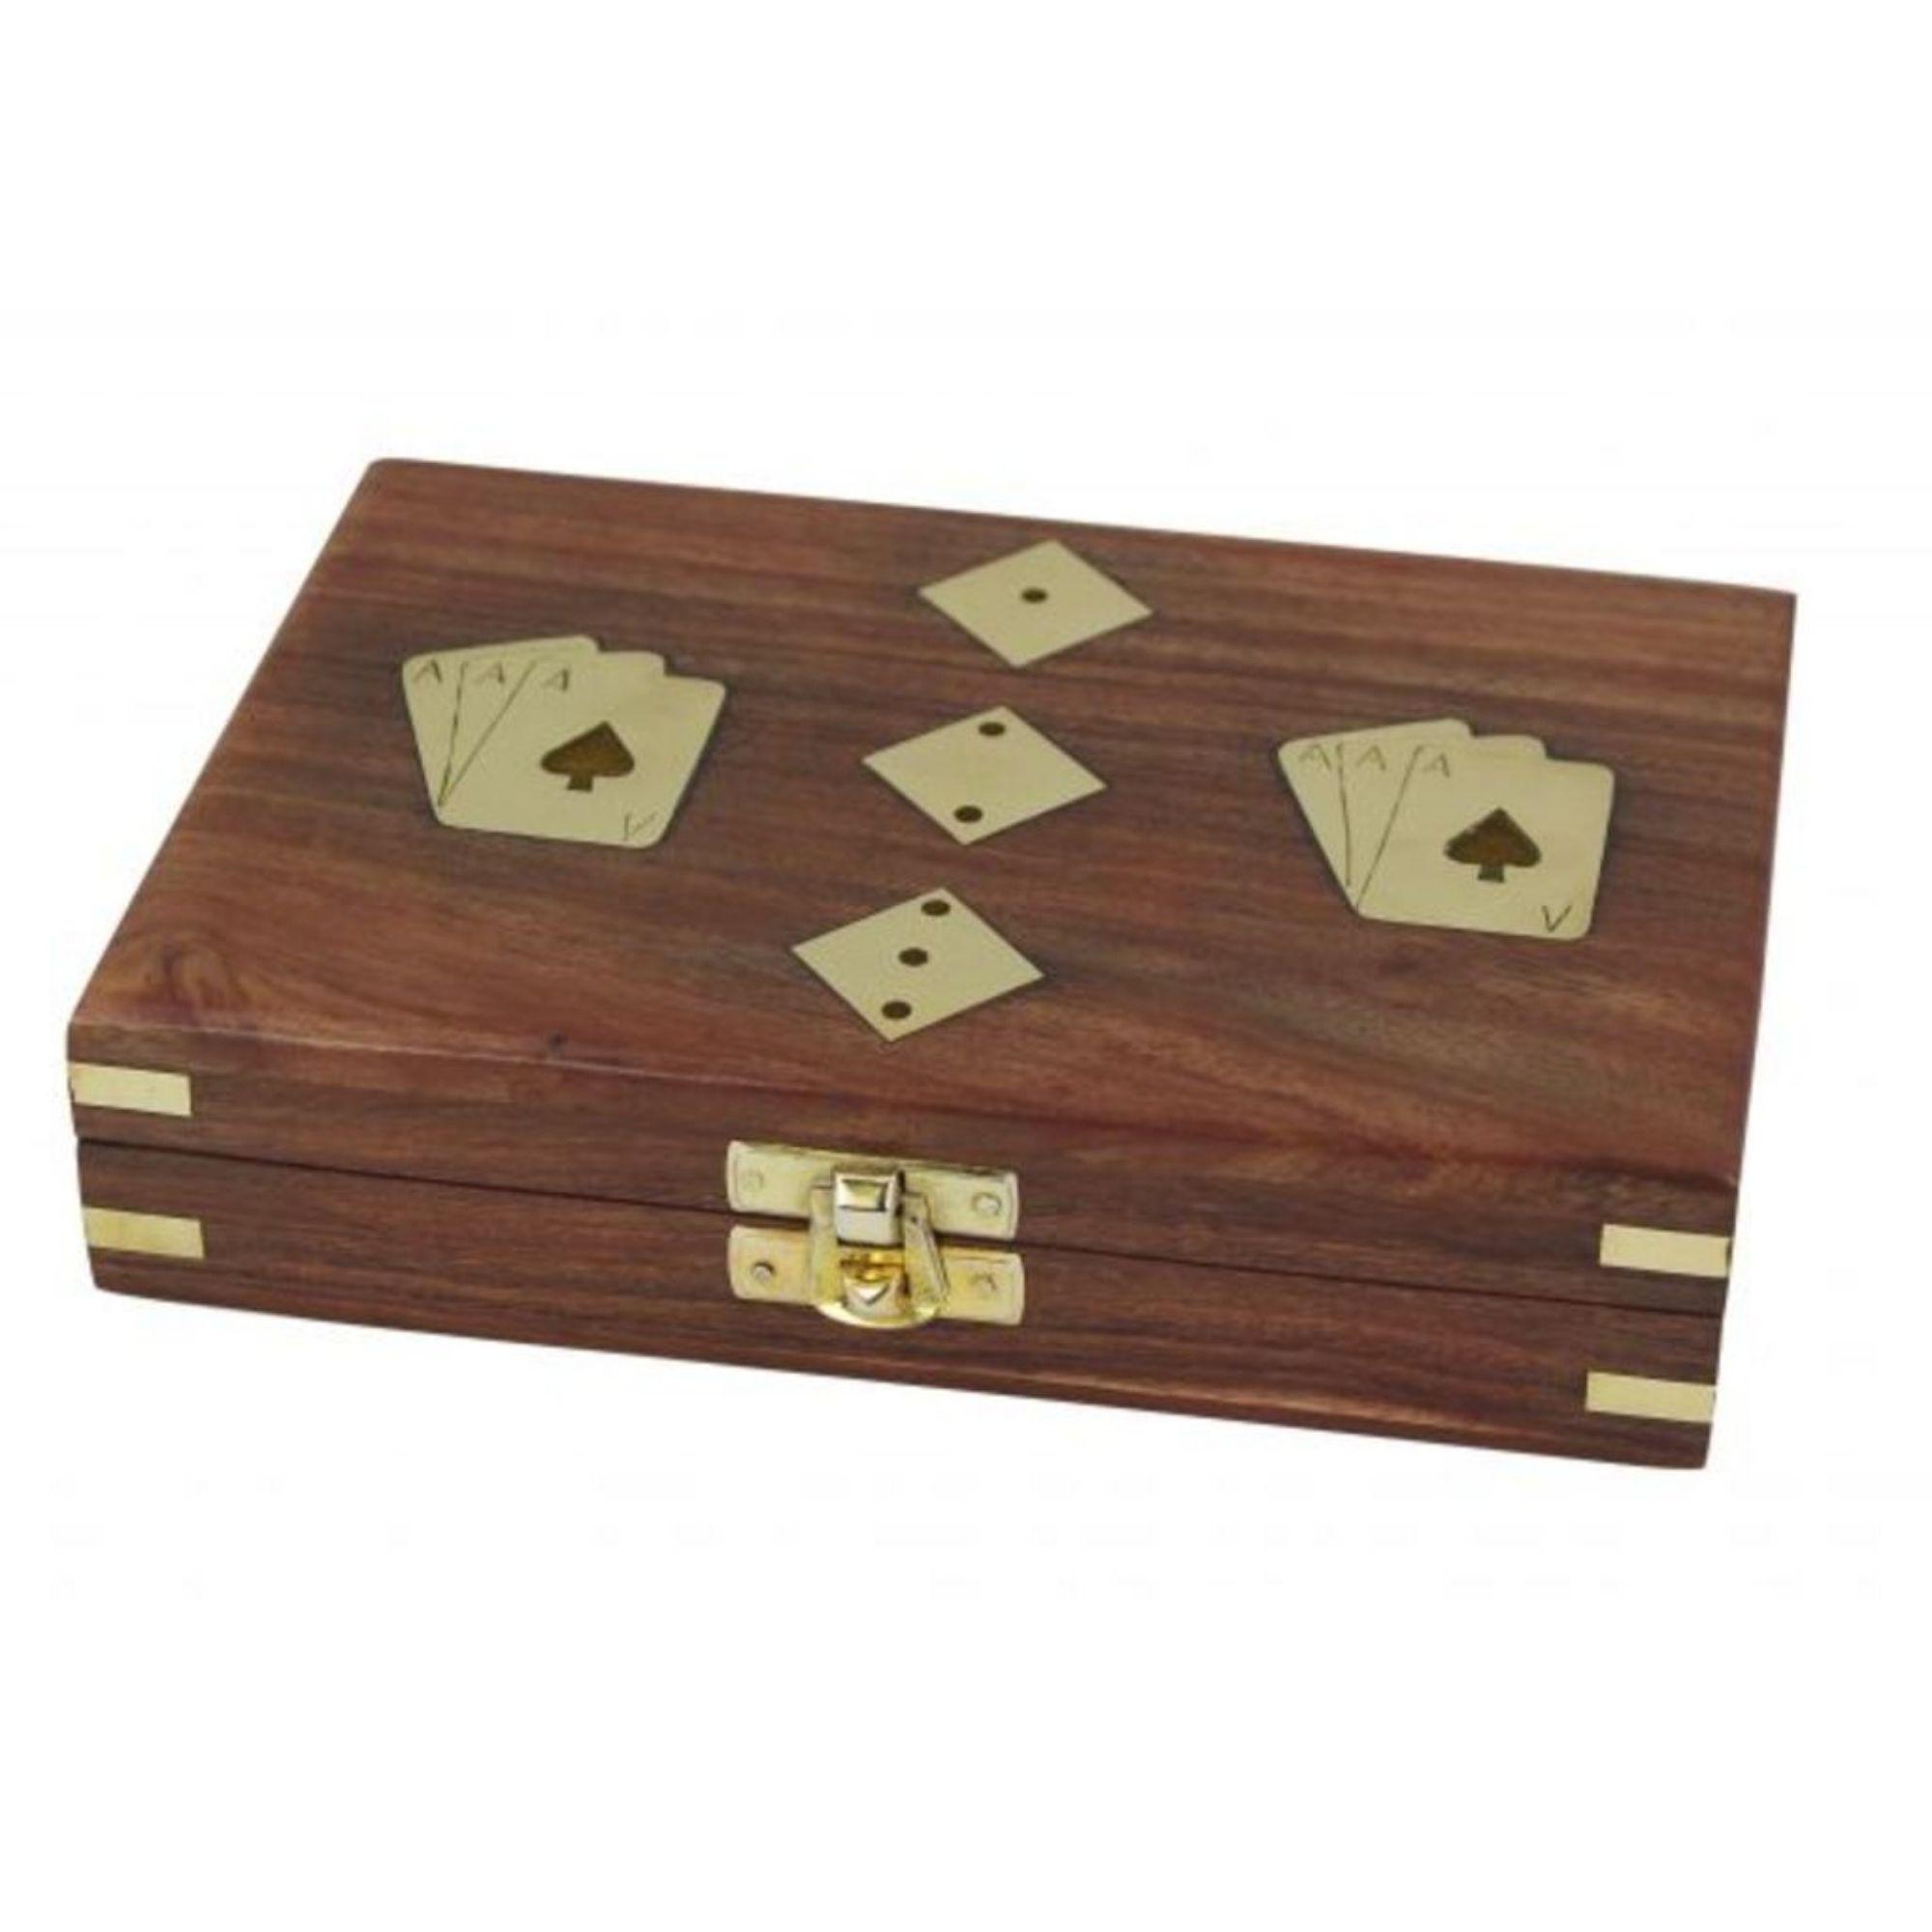 Spielbox aus Holz mit Karten und Würfel